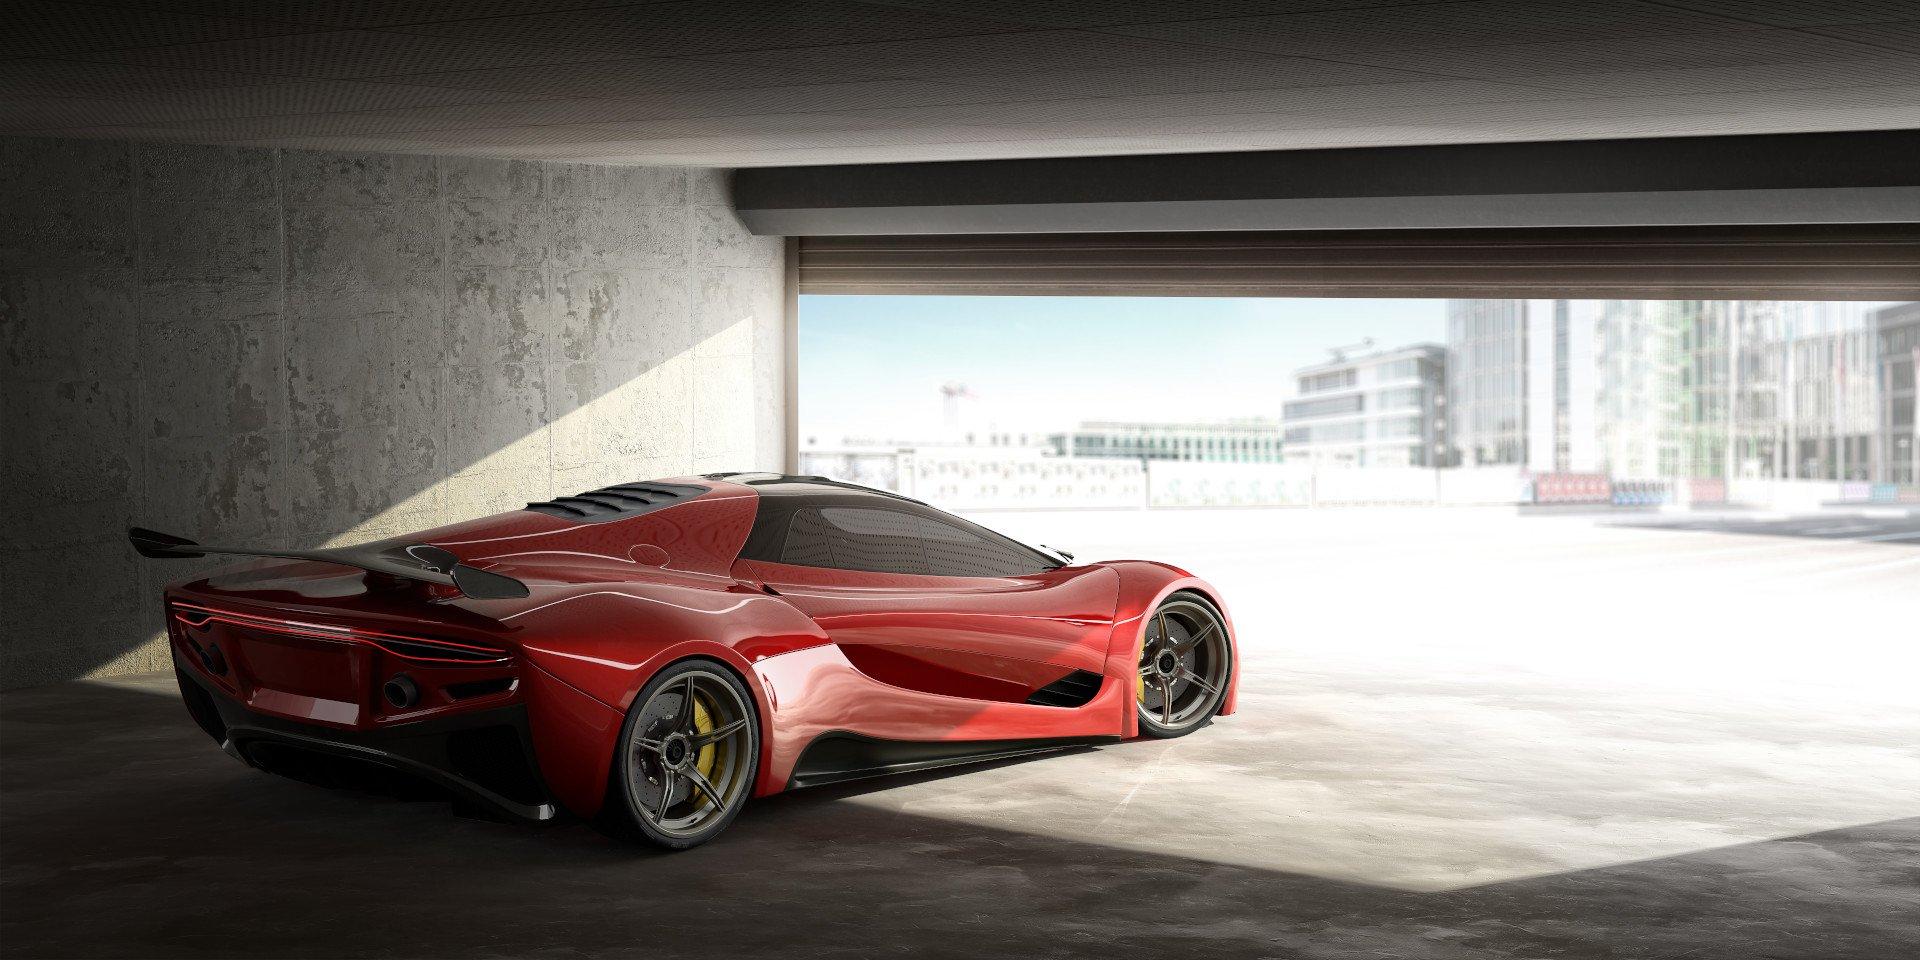 fast-car-open-garage-door